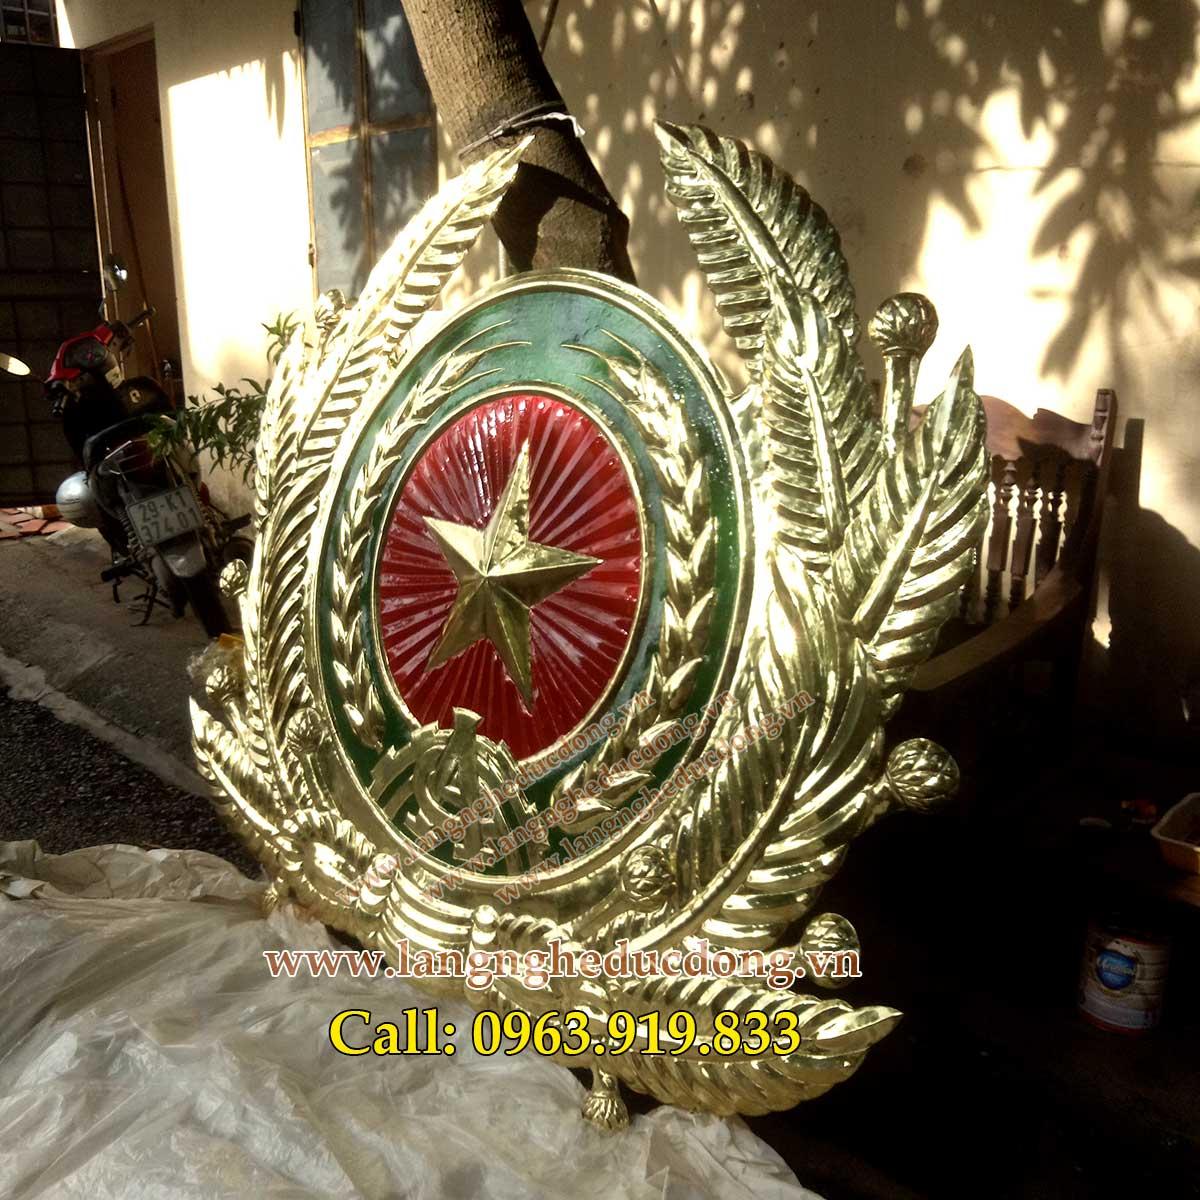 langngheducdong.vn - huy hiệu, quốc huy, logo công an, các kích thước huy hiệu công an bằng đồng